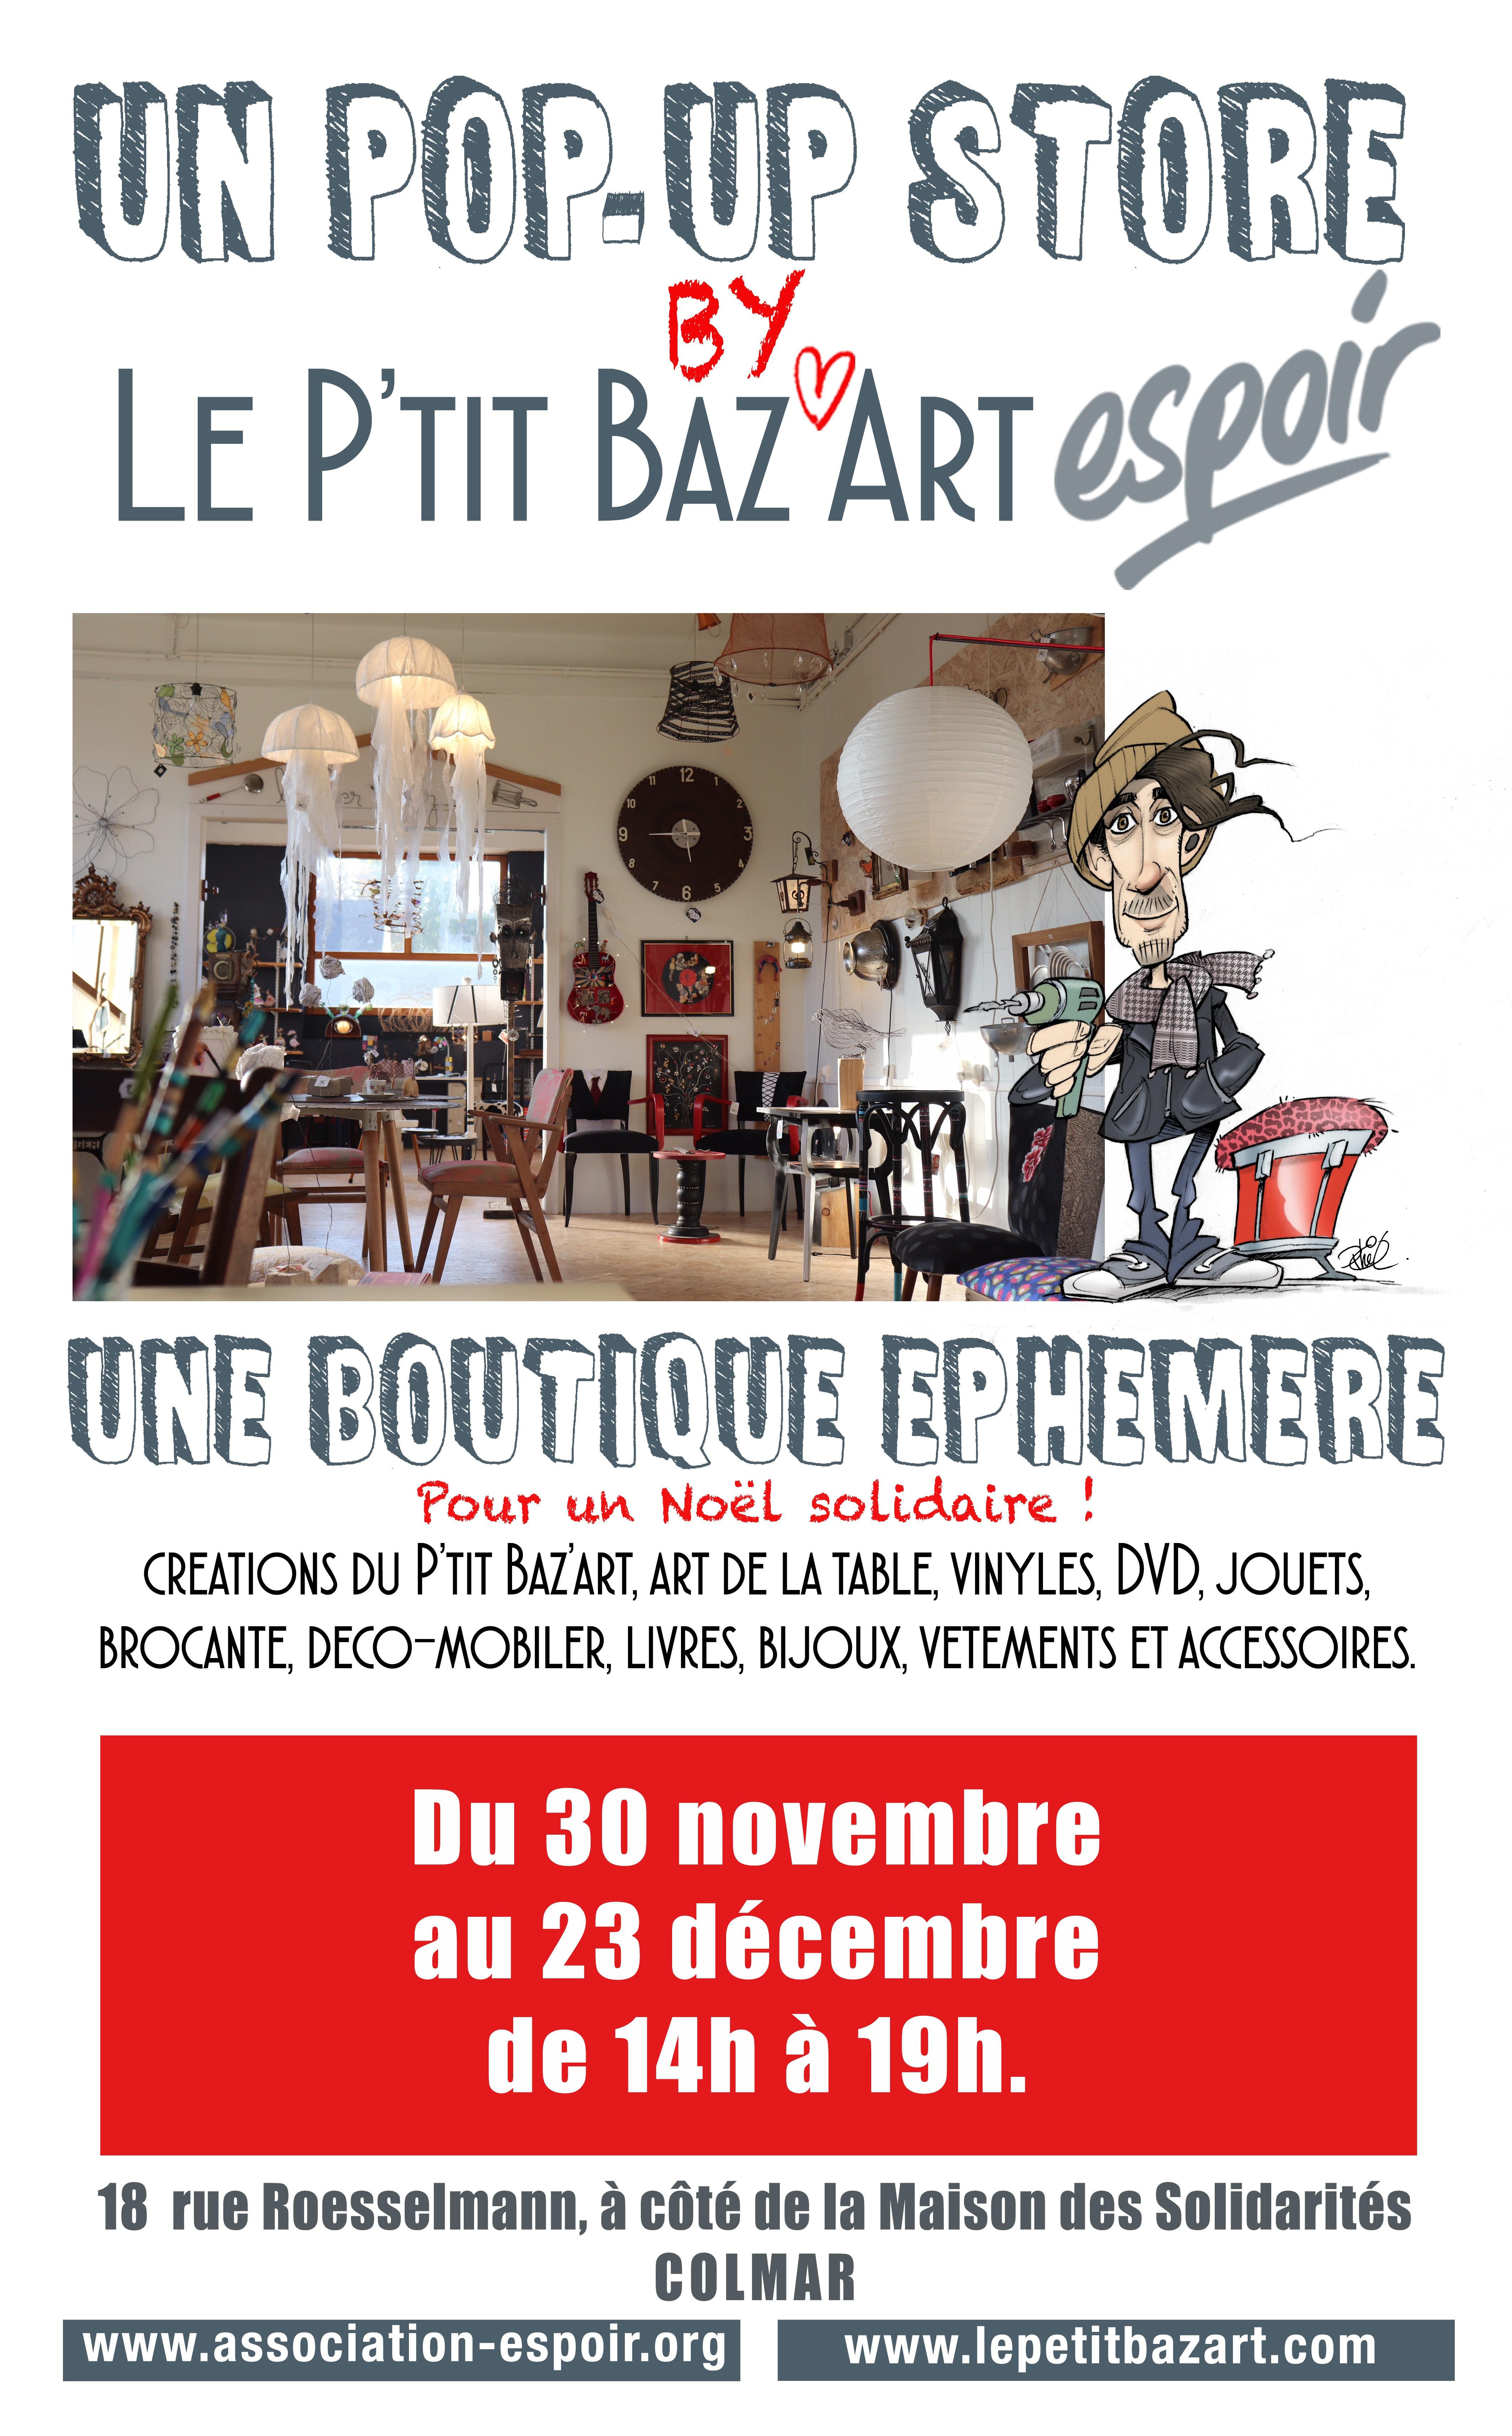 Boutique éphémère, Association Espoir Colmar, Association humanitaire Alsace, Association Colmar, Hébergement Colmar